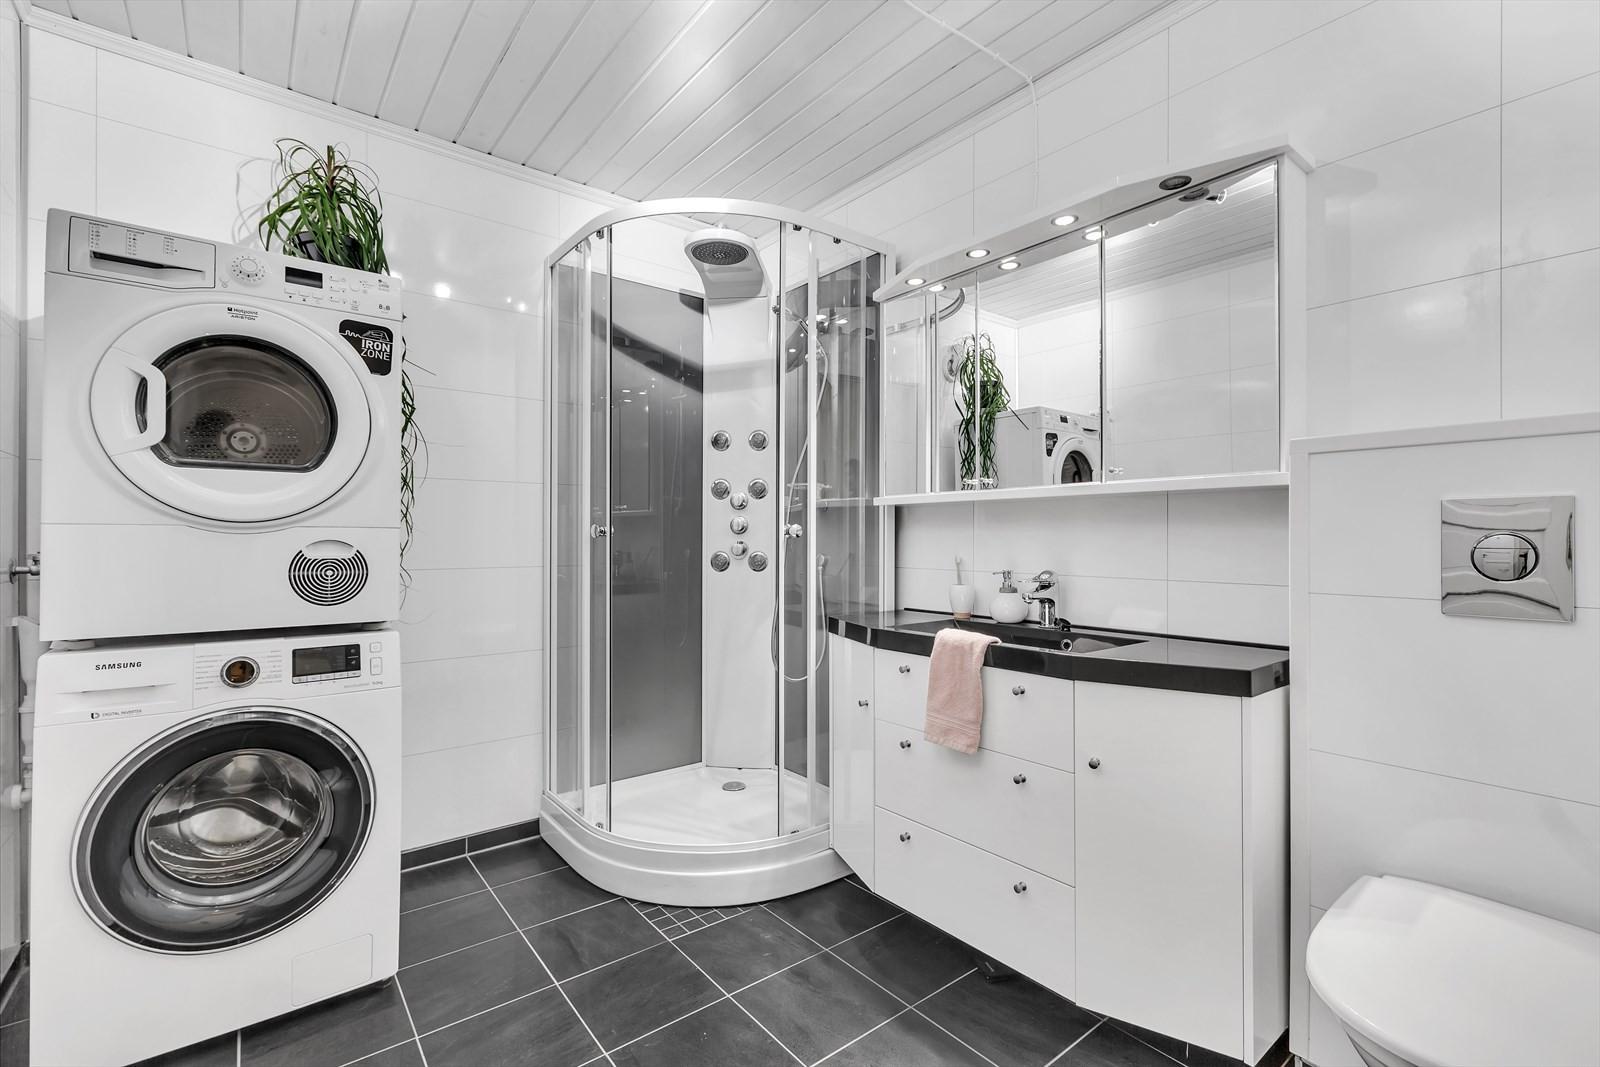 Lyst og trivelig badrom med flisgulv, varmekabler, vegghengt toalett.